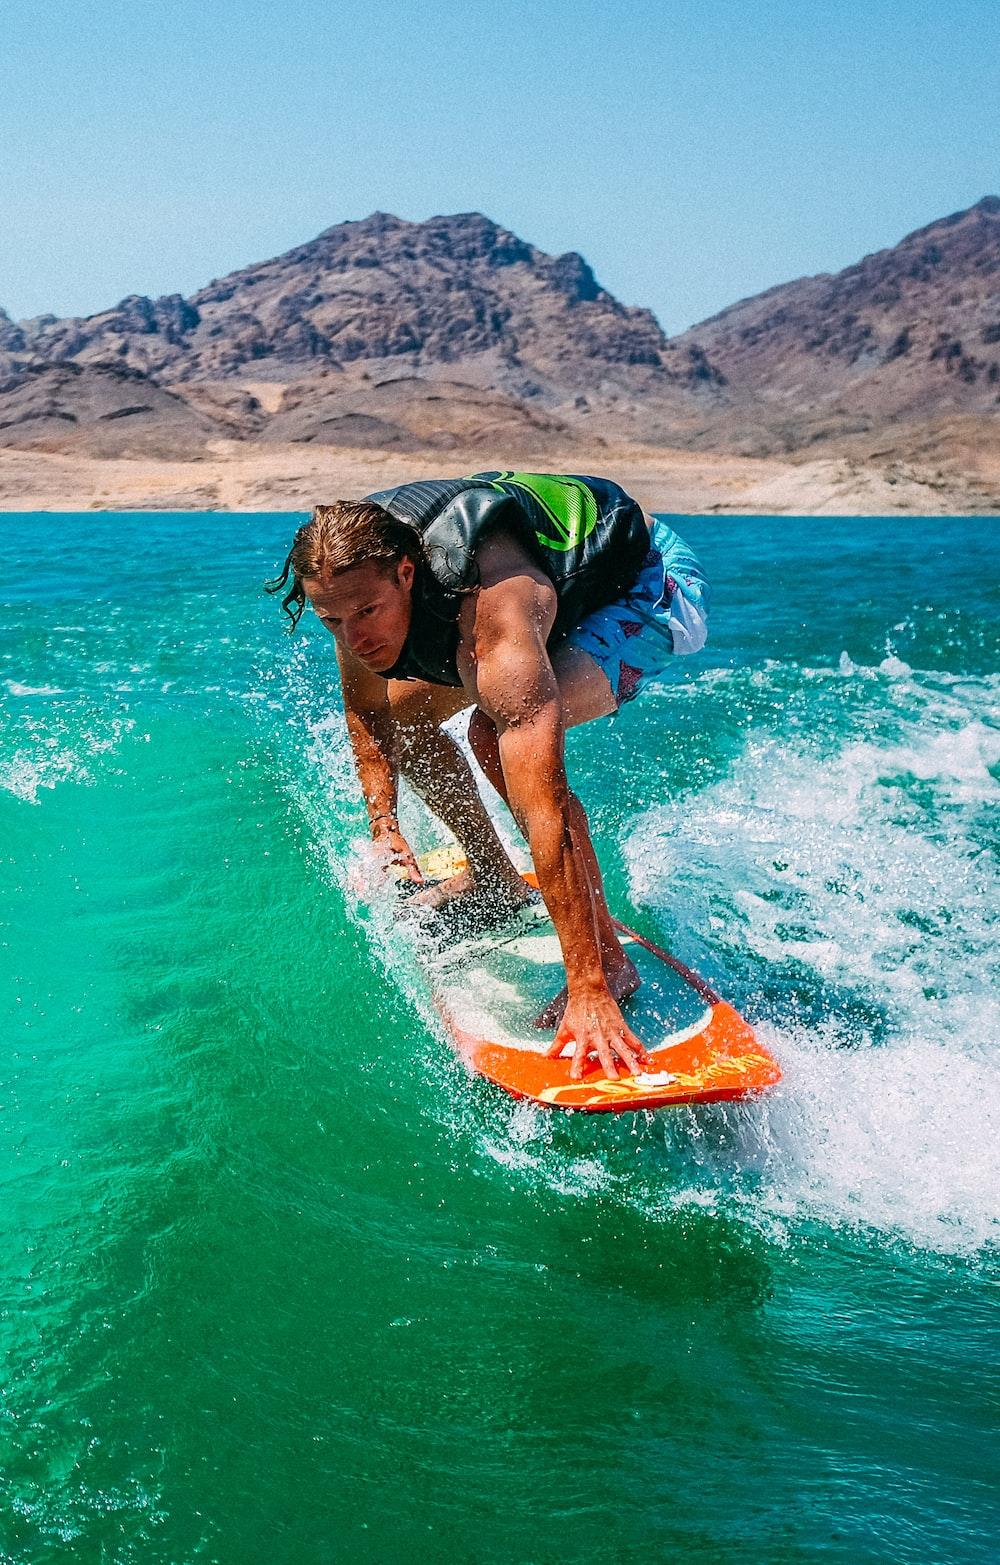 man surfing during daytime